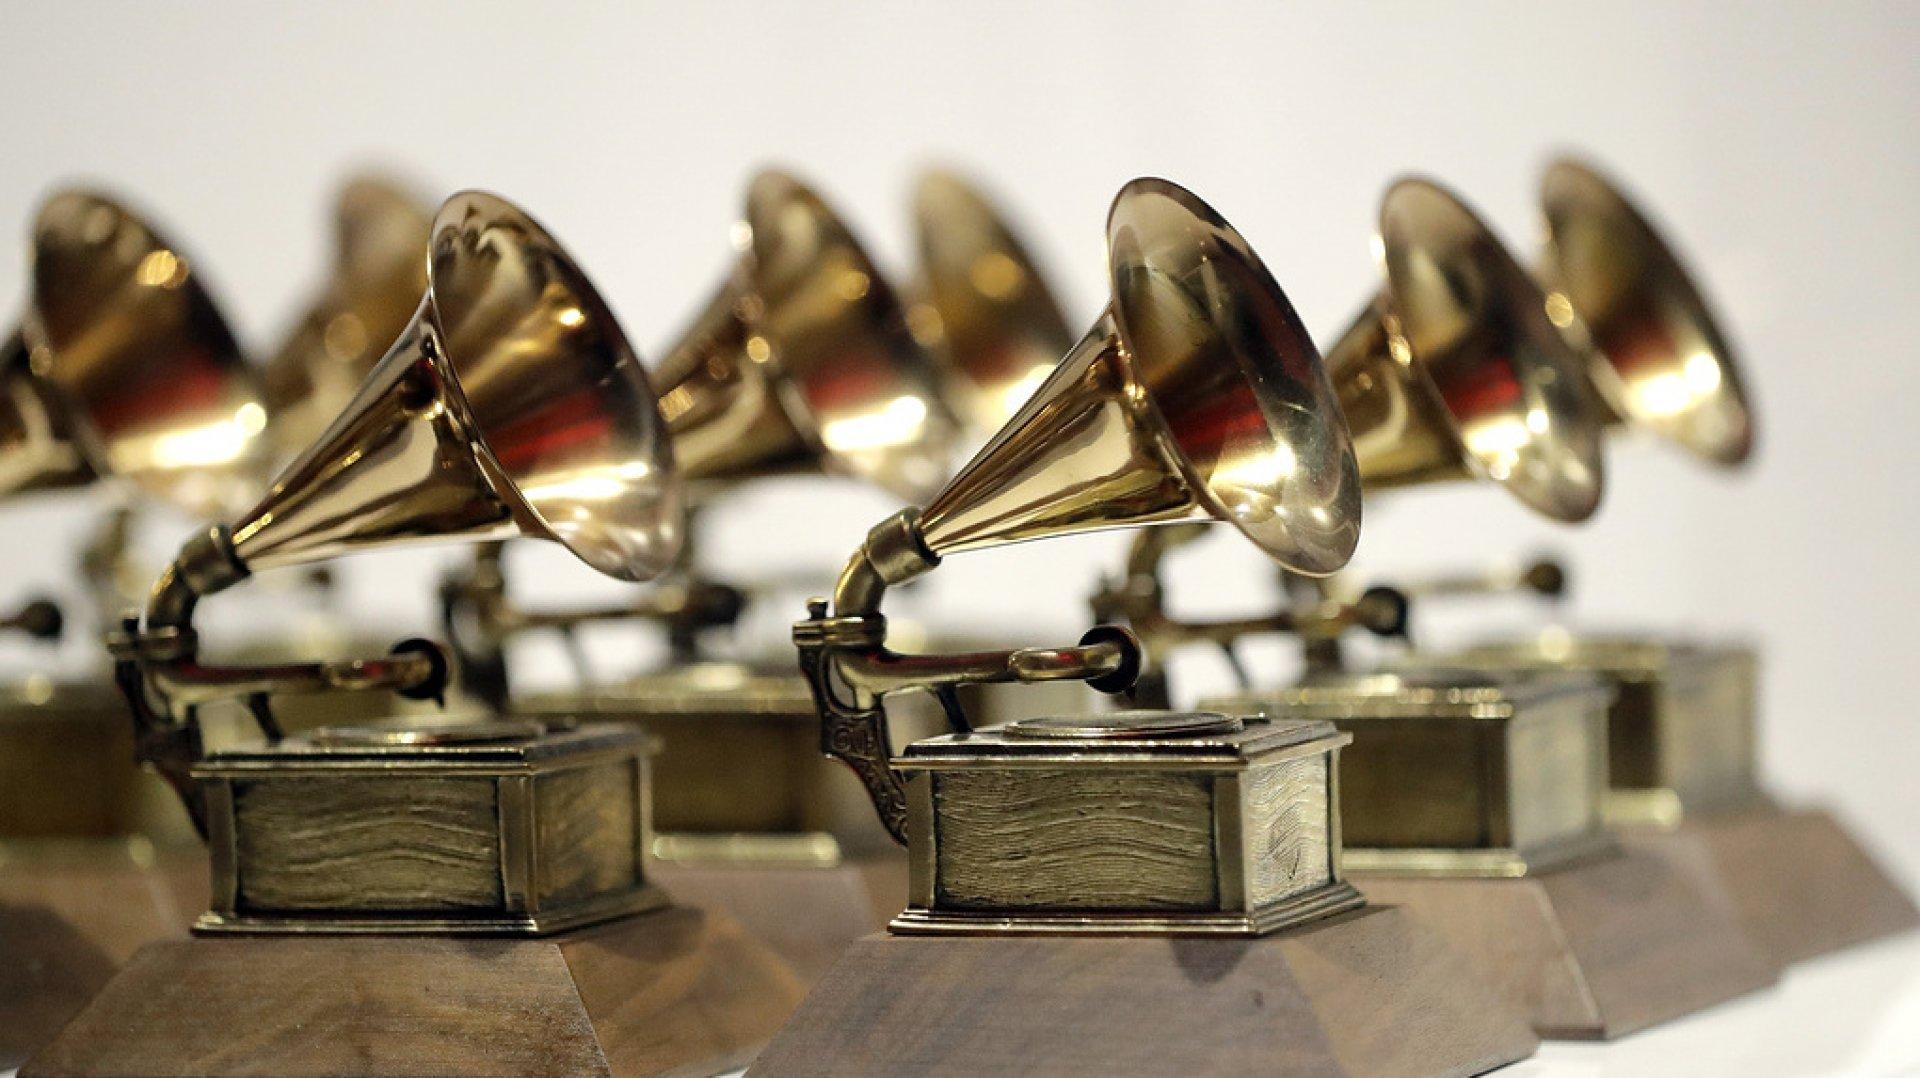 Премия «грэмми» за лучший альбом года — википедия. что такое премия «грэмми» за лучший альбом года